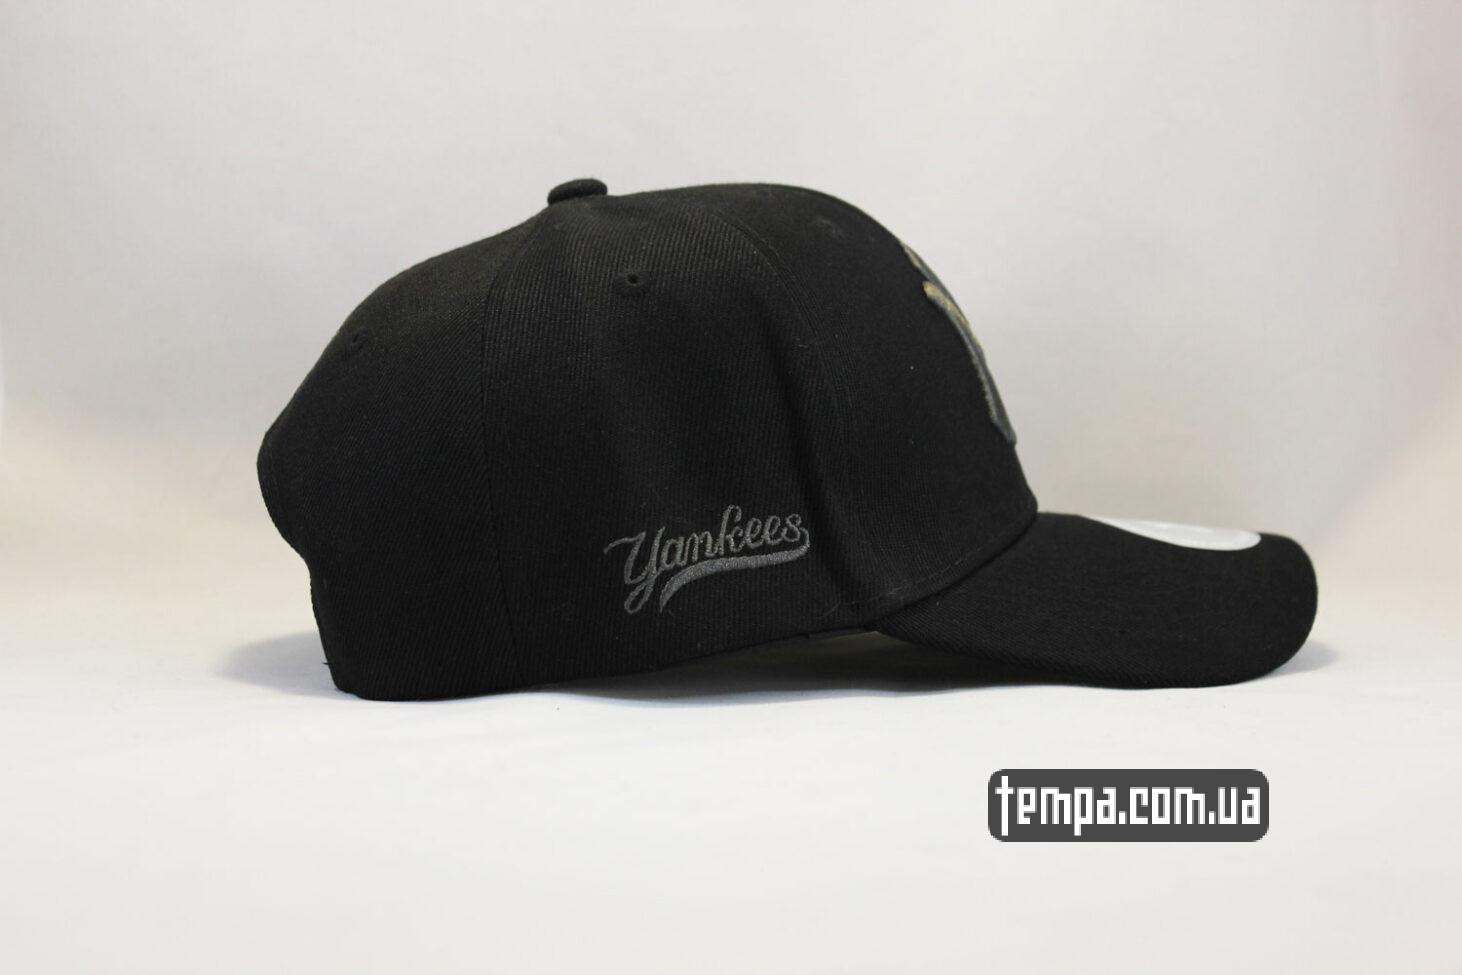 янкис чисто черная кепка бейсболка yankees NEW ERA New York черная с черным логотипом